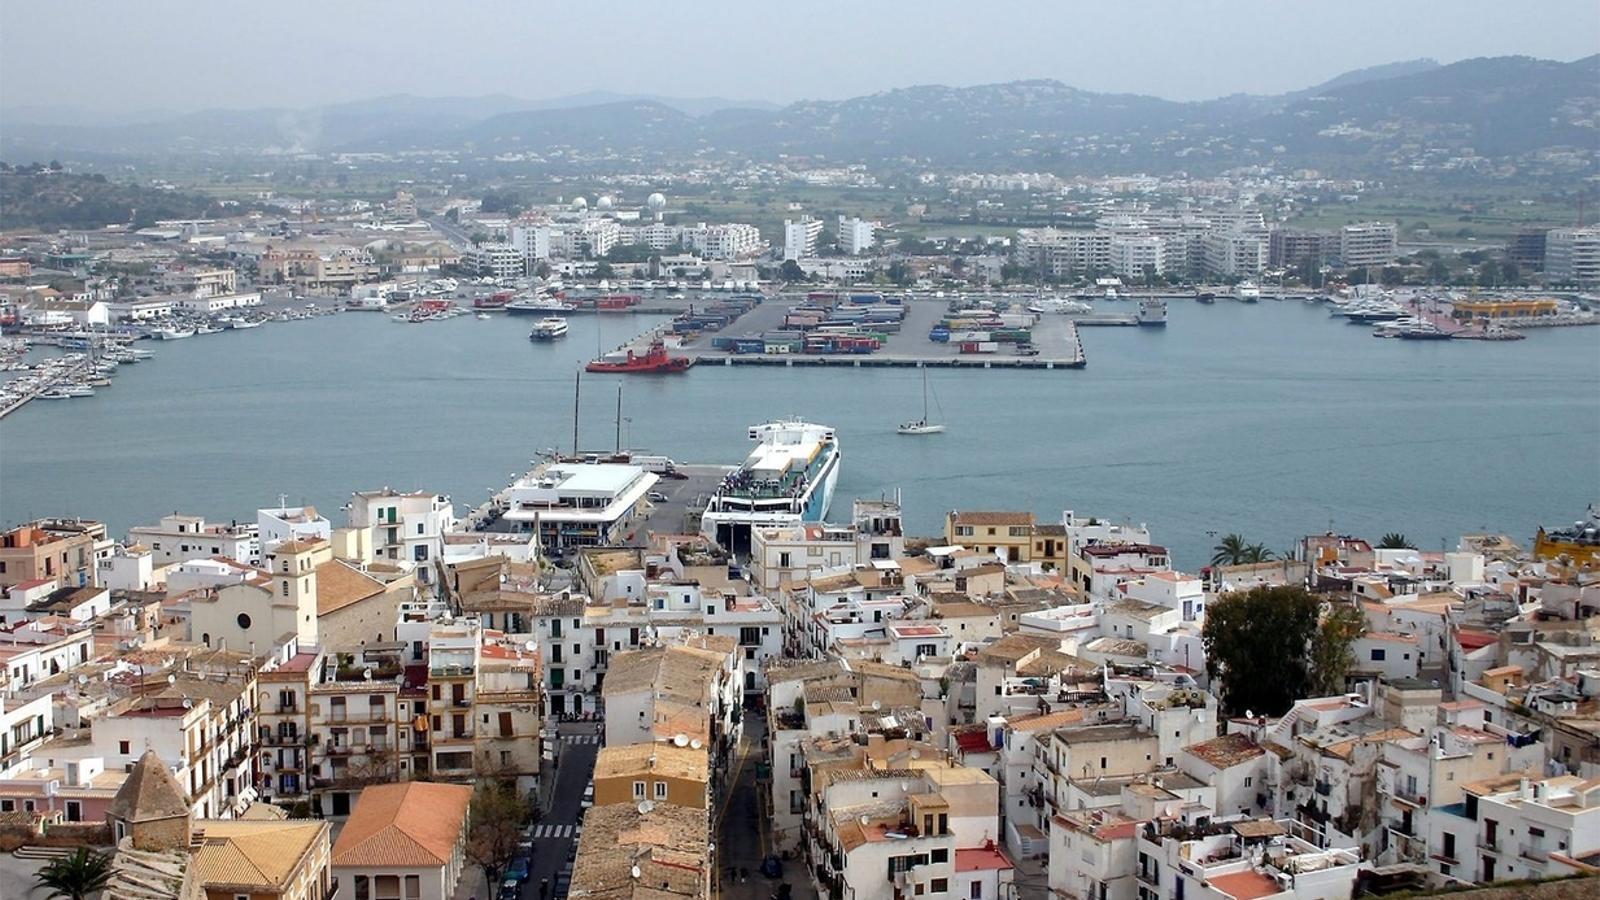 Eivissa és una de les ciutats d'Espanya amb més problemes d'accés a l'habitatge.